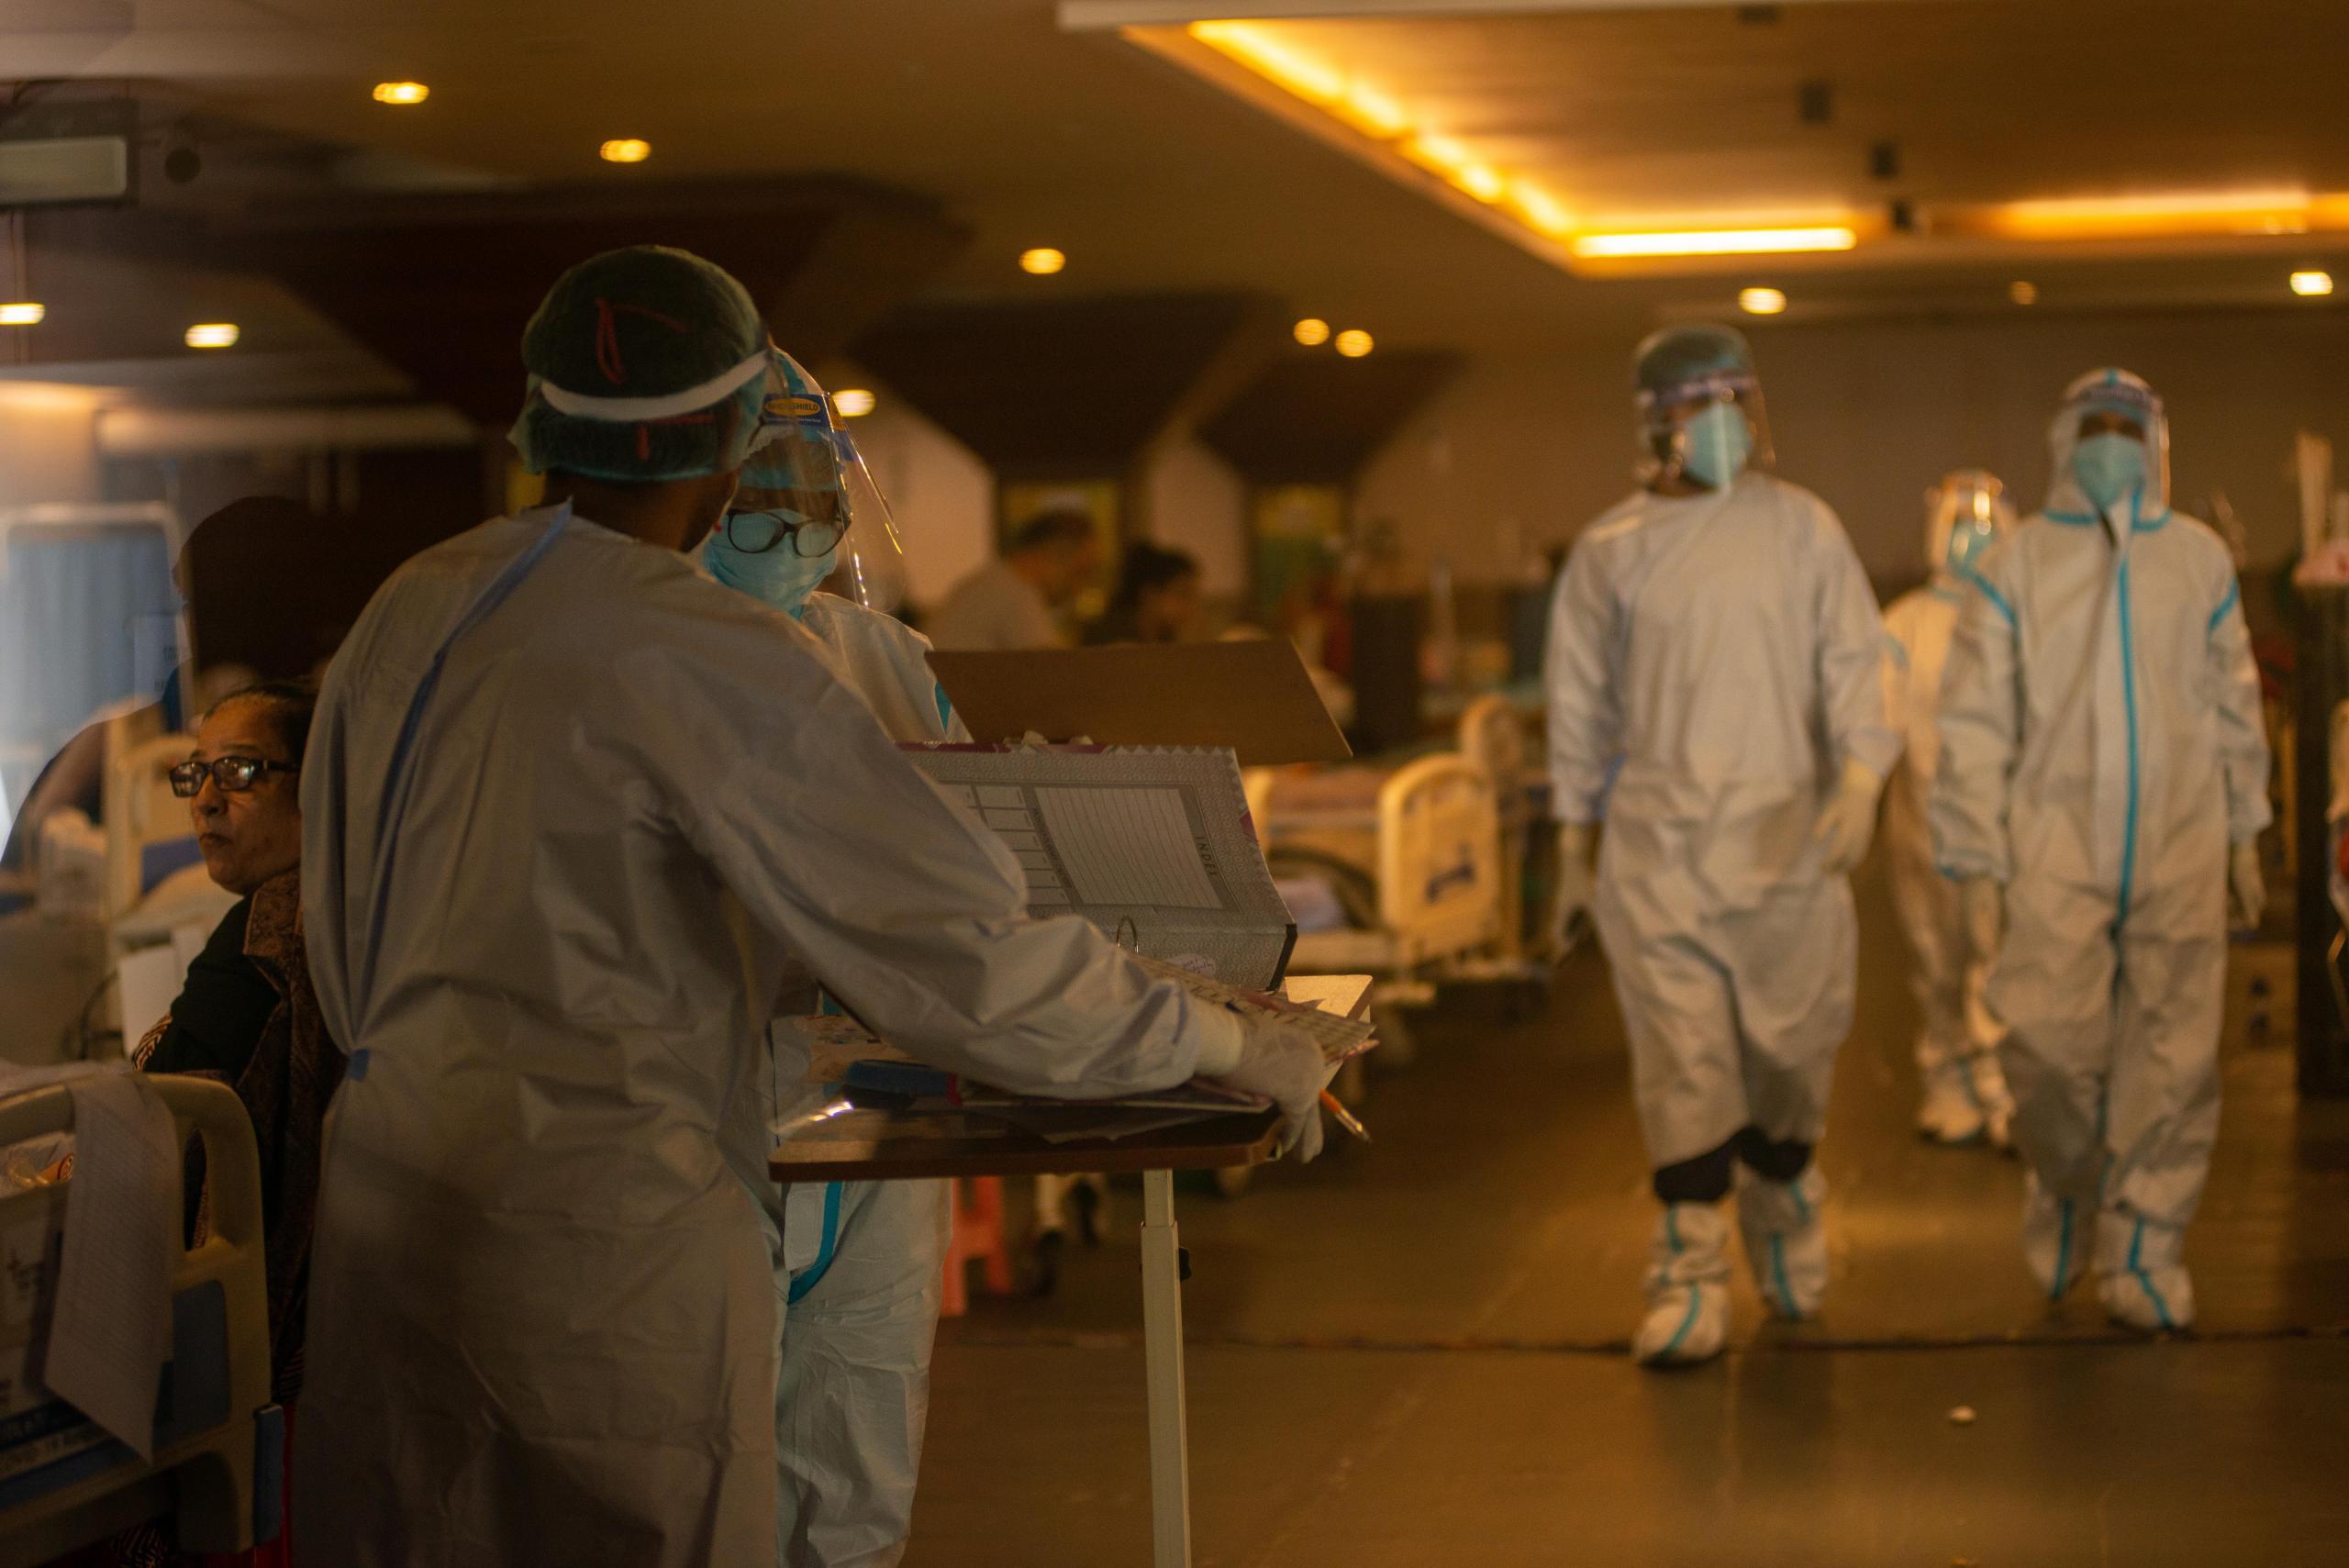 """إصابات """"كورونا"""" حول العالم تتجاوز 230.04 مليون حالة"""